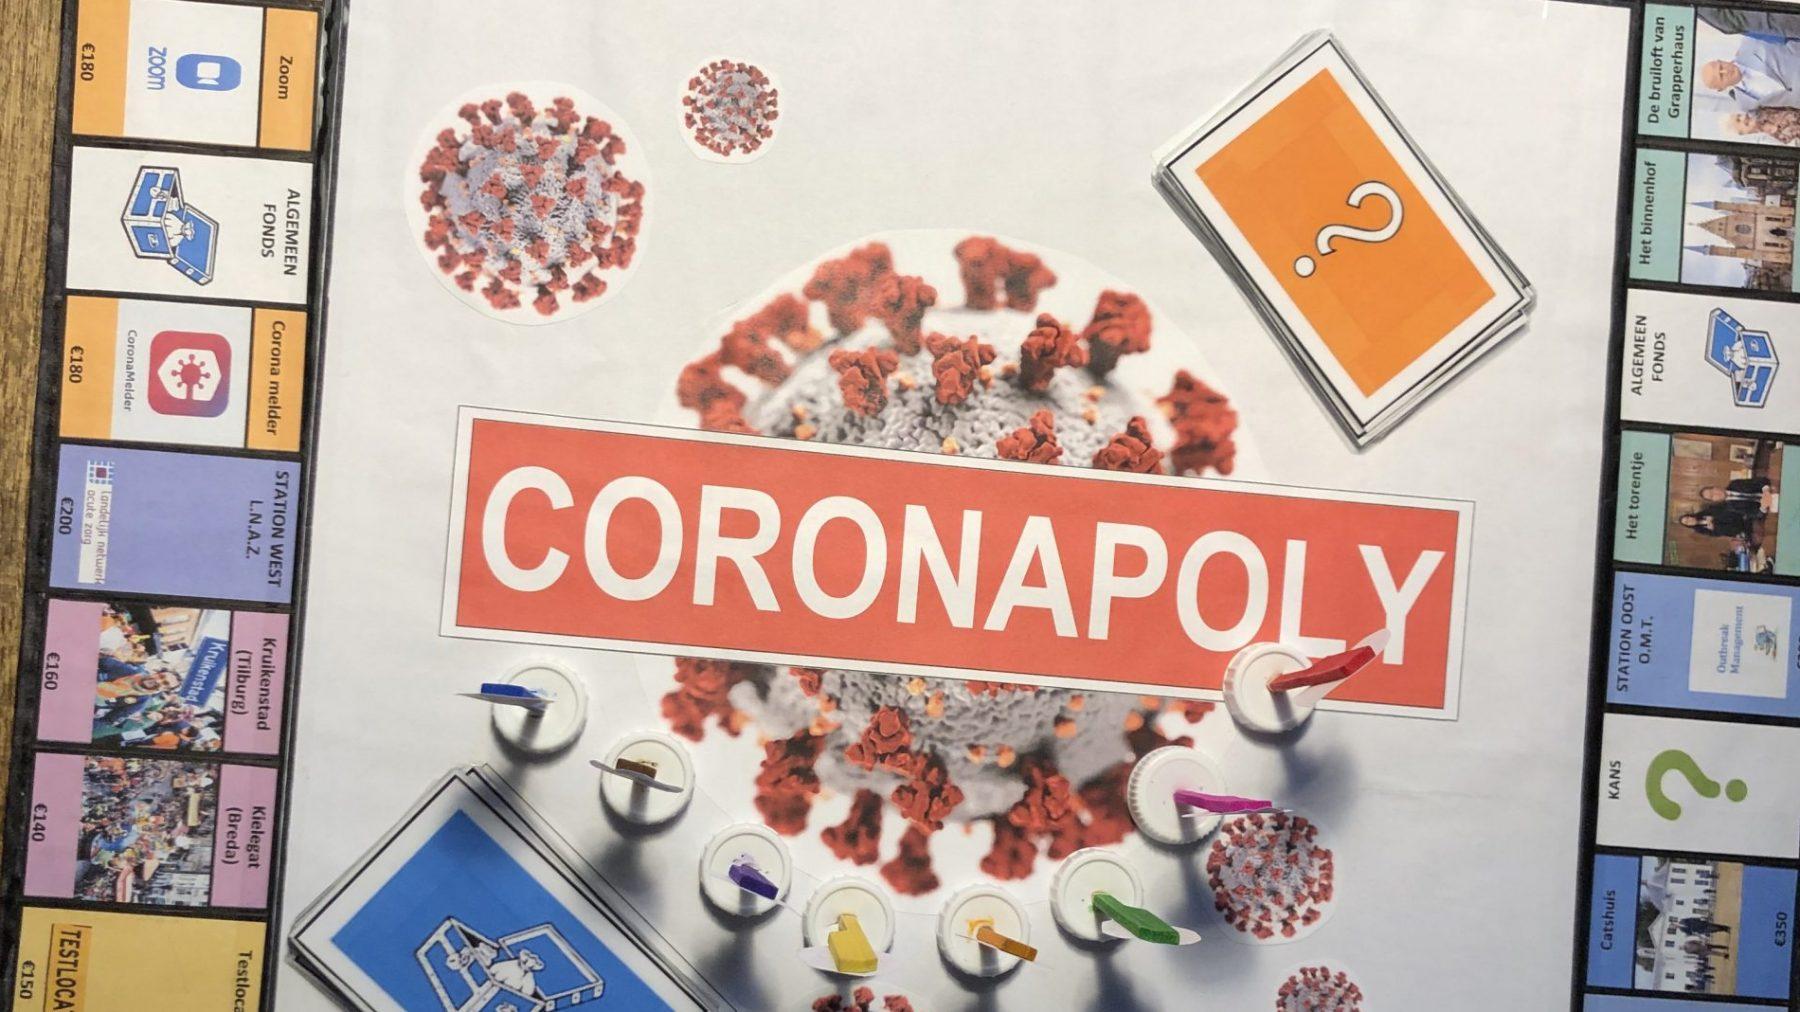 coronapoly